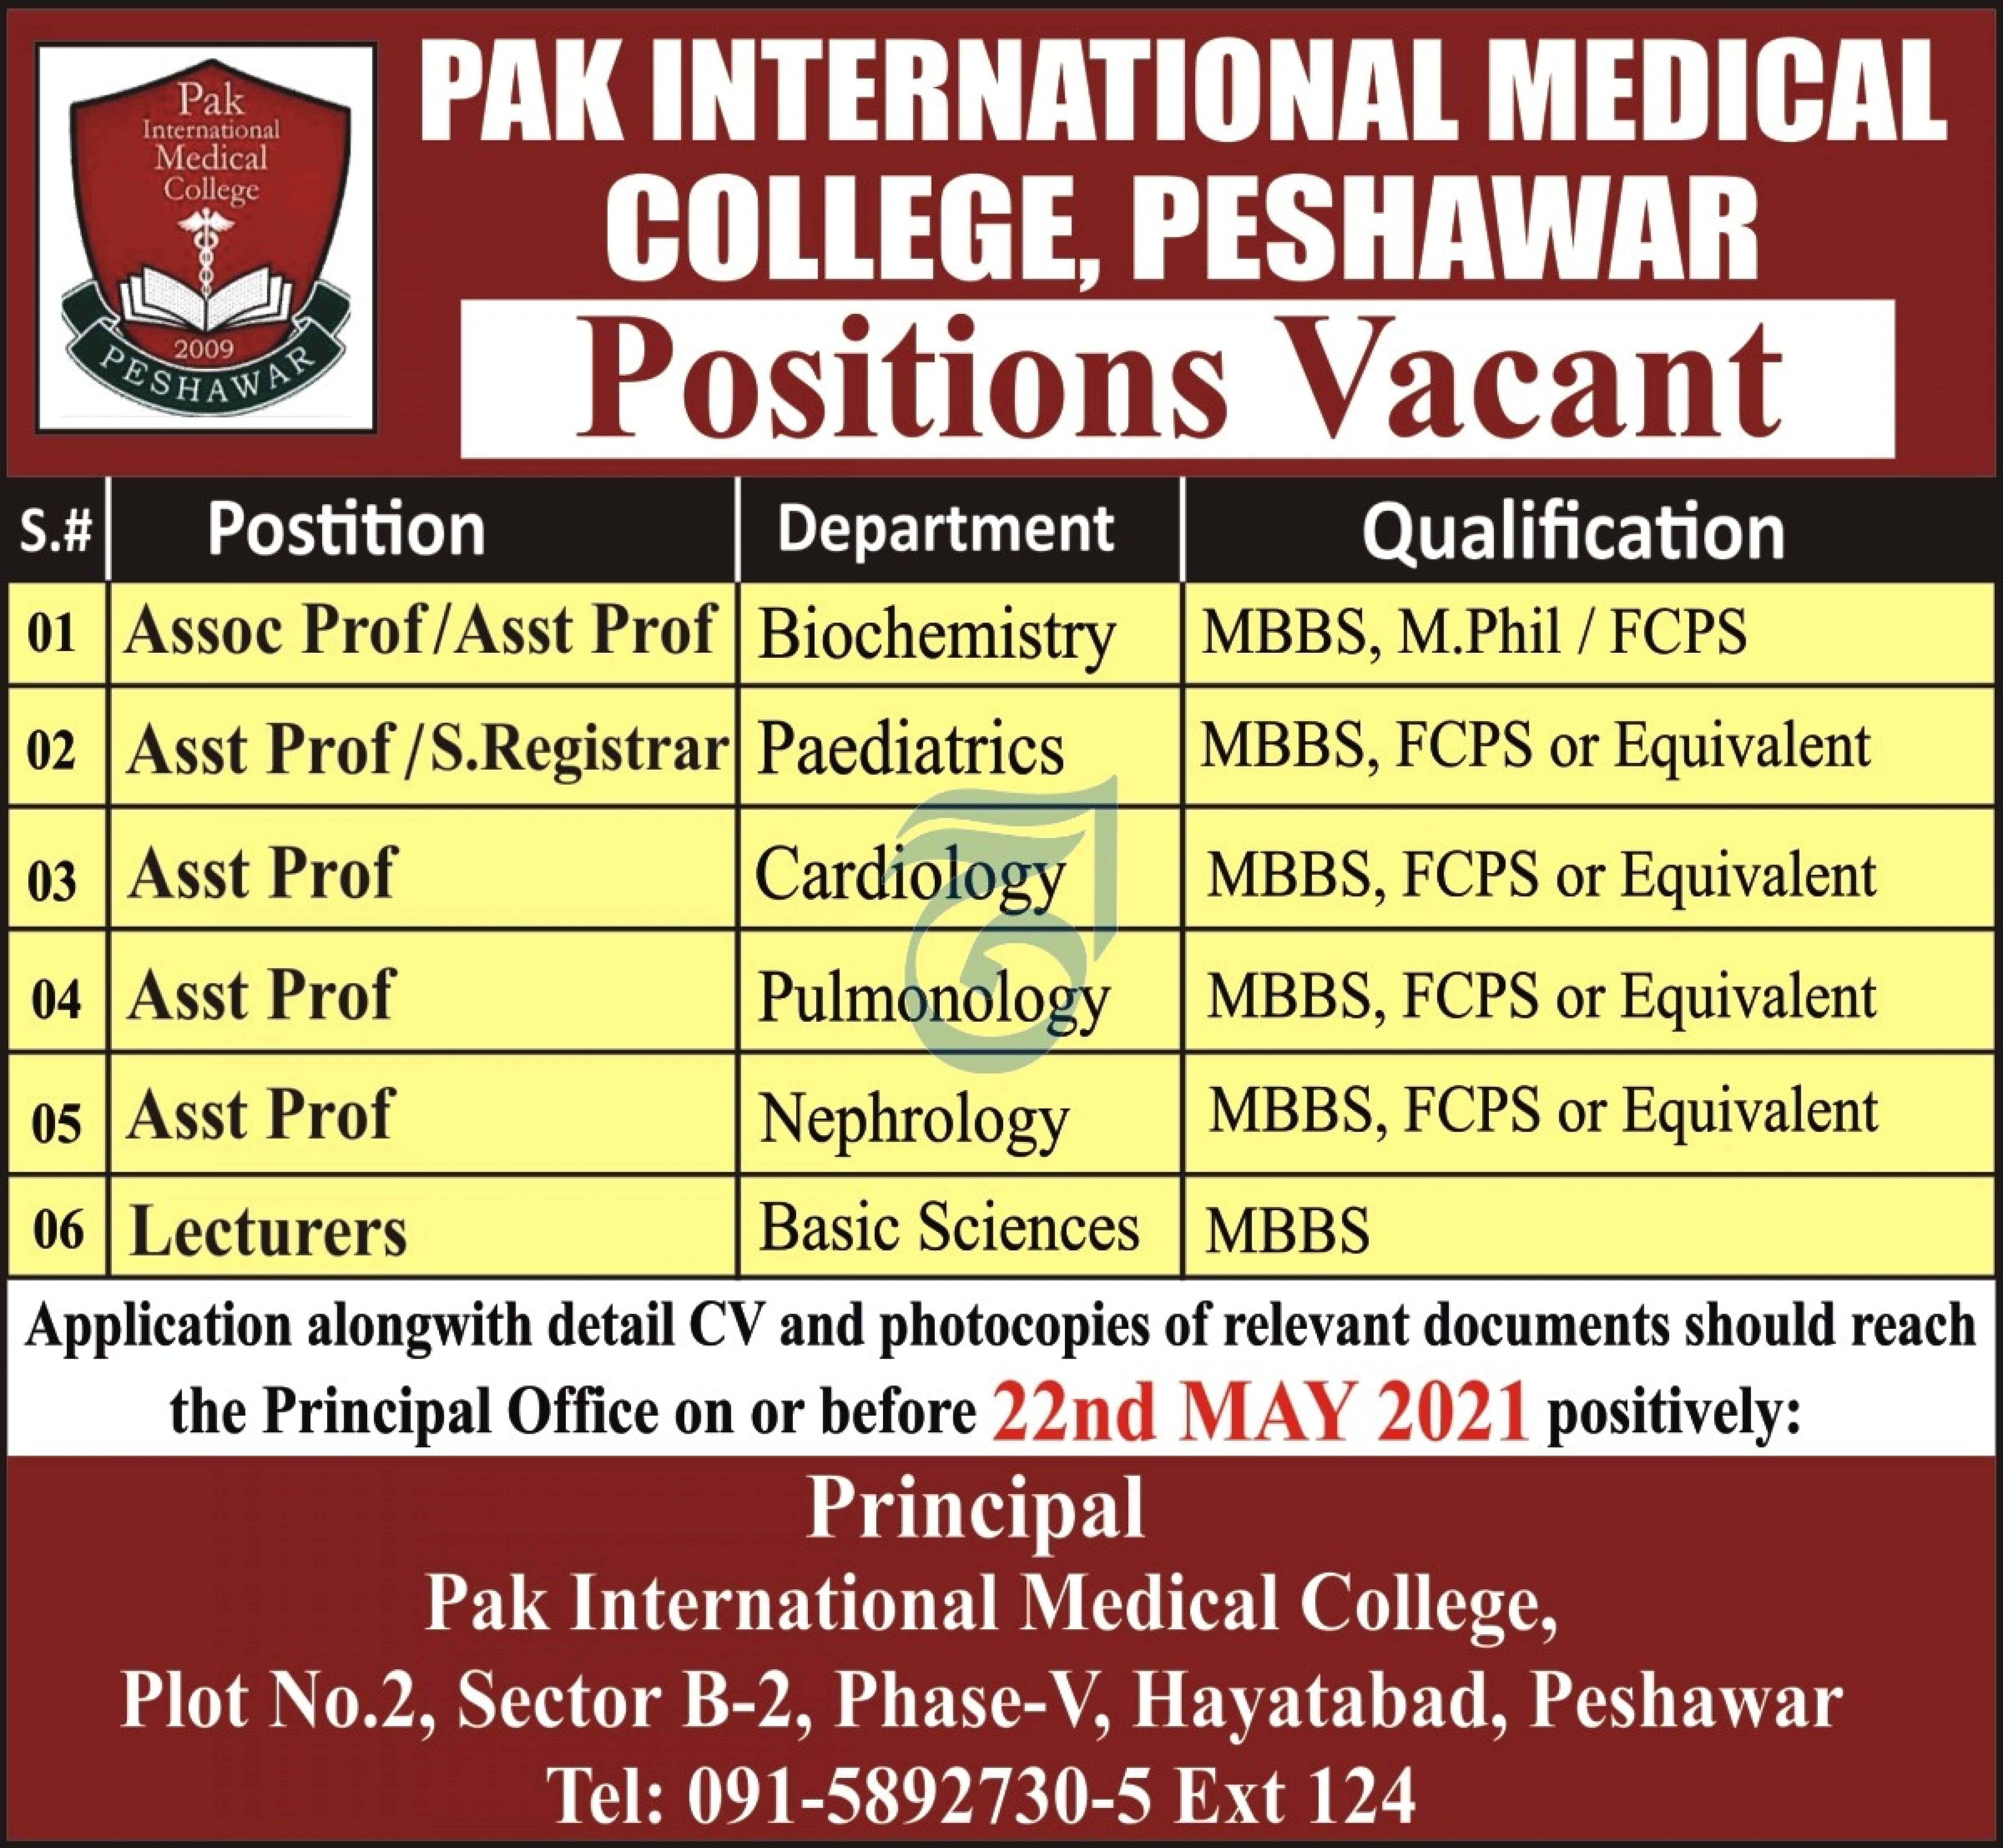 Pak International Medical College Jobs 2021 in Peshawar